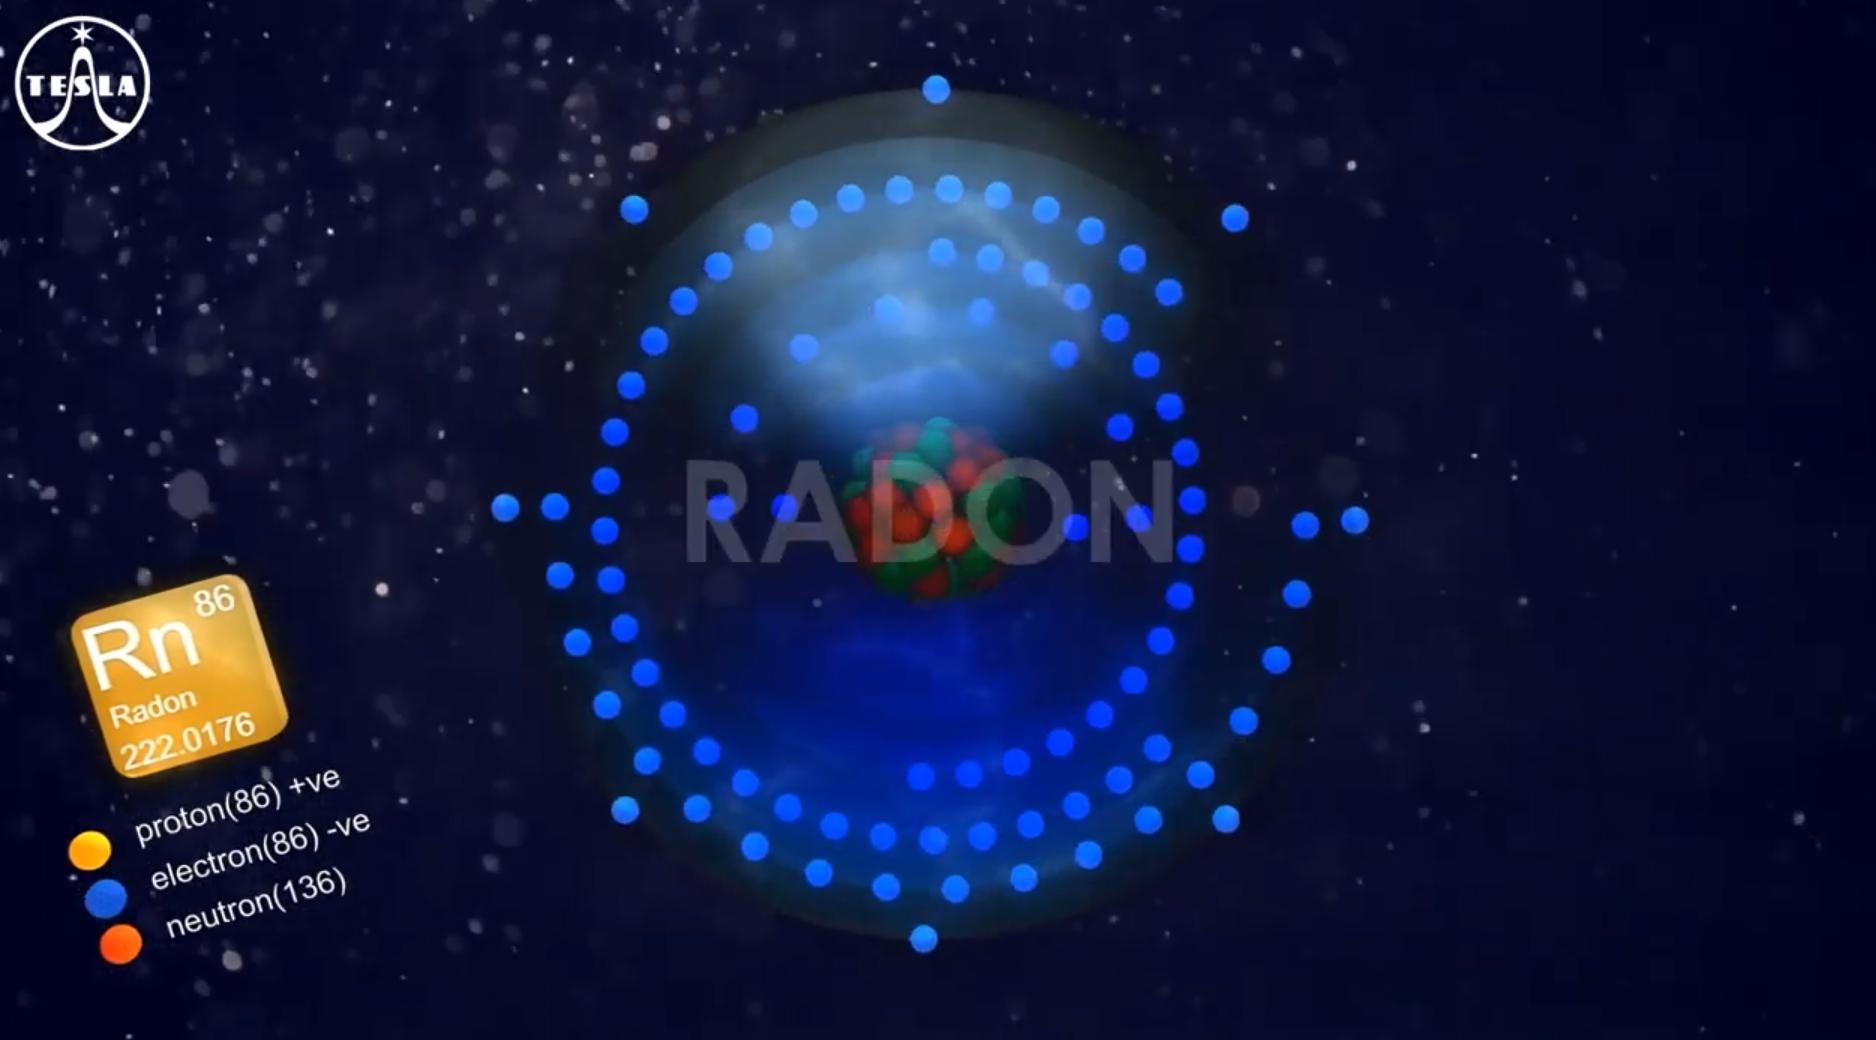 Radon molecule